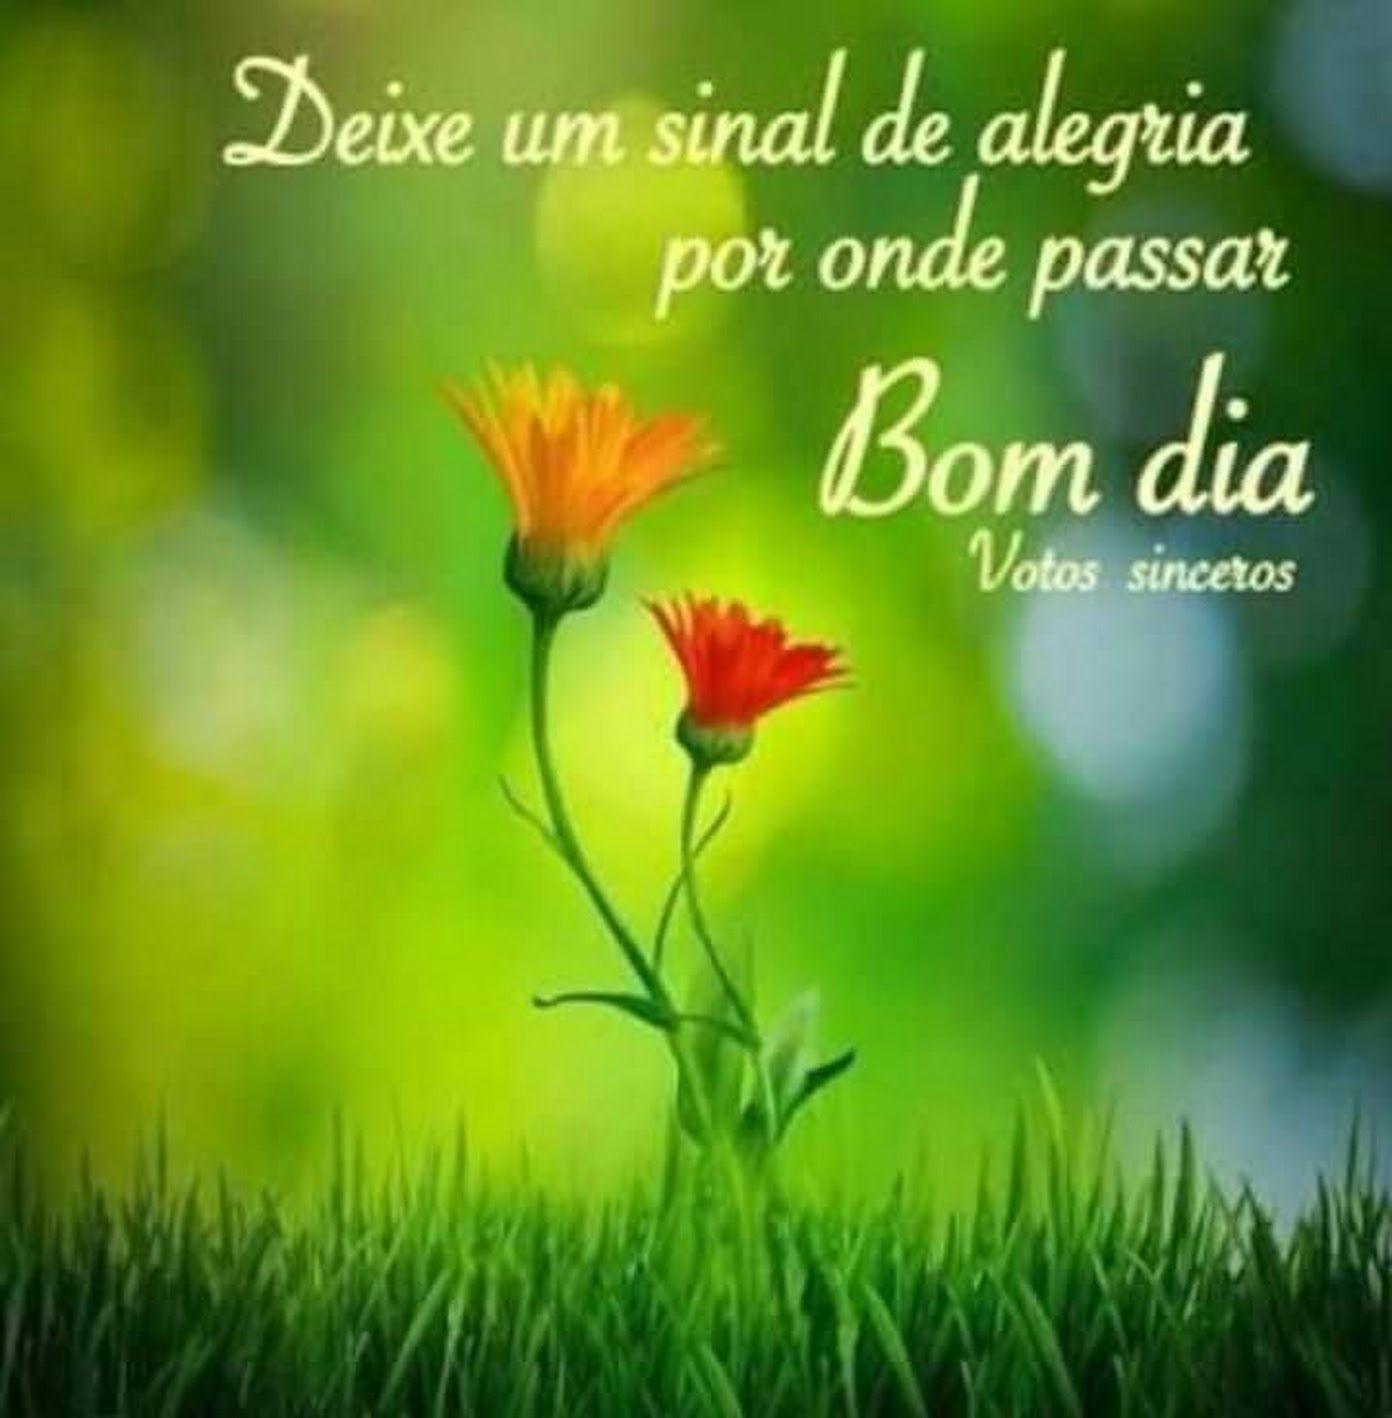 Bom Dia Deus Bom Dia Familia E Amigos E Amigas Tenha Todos Um